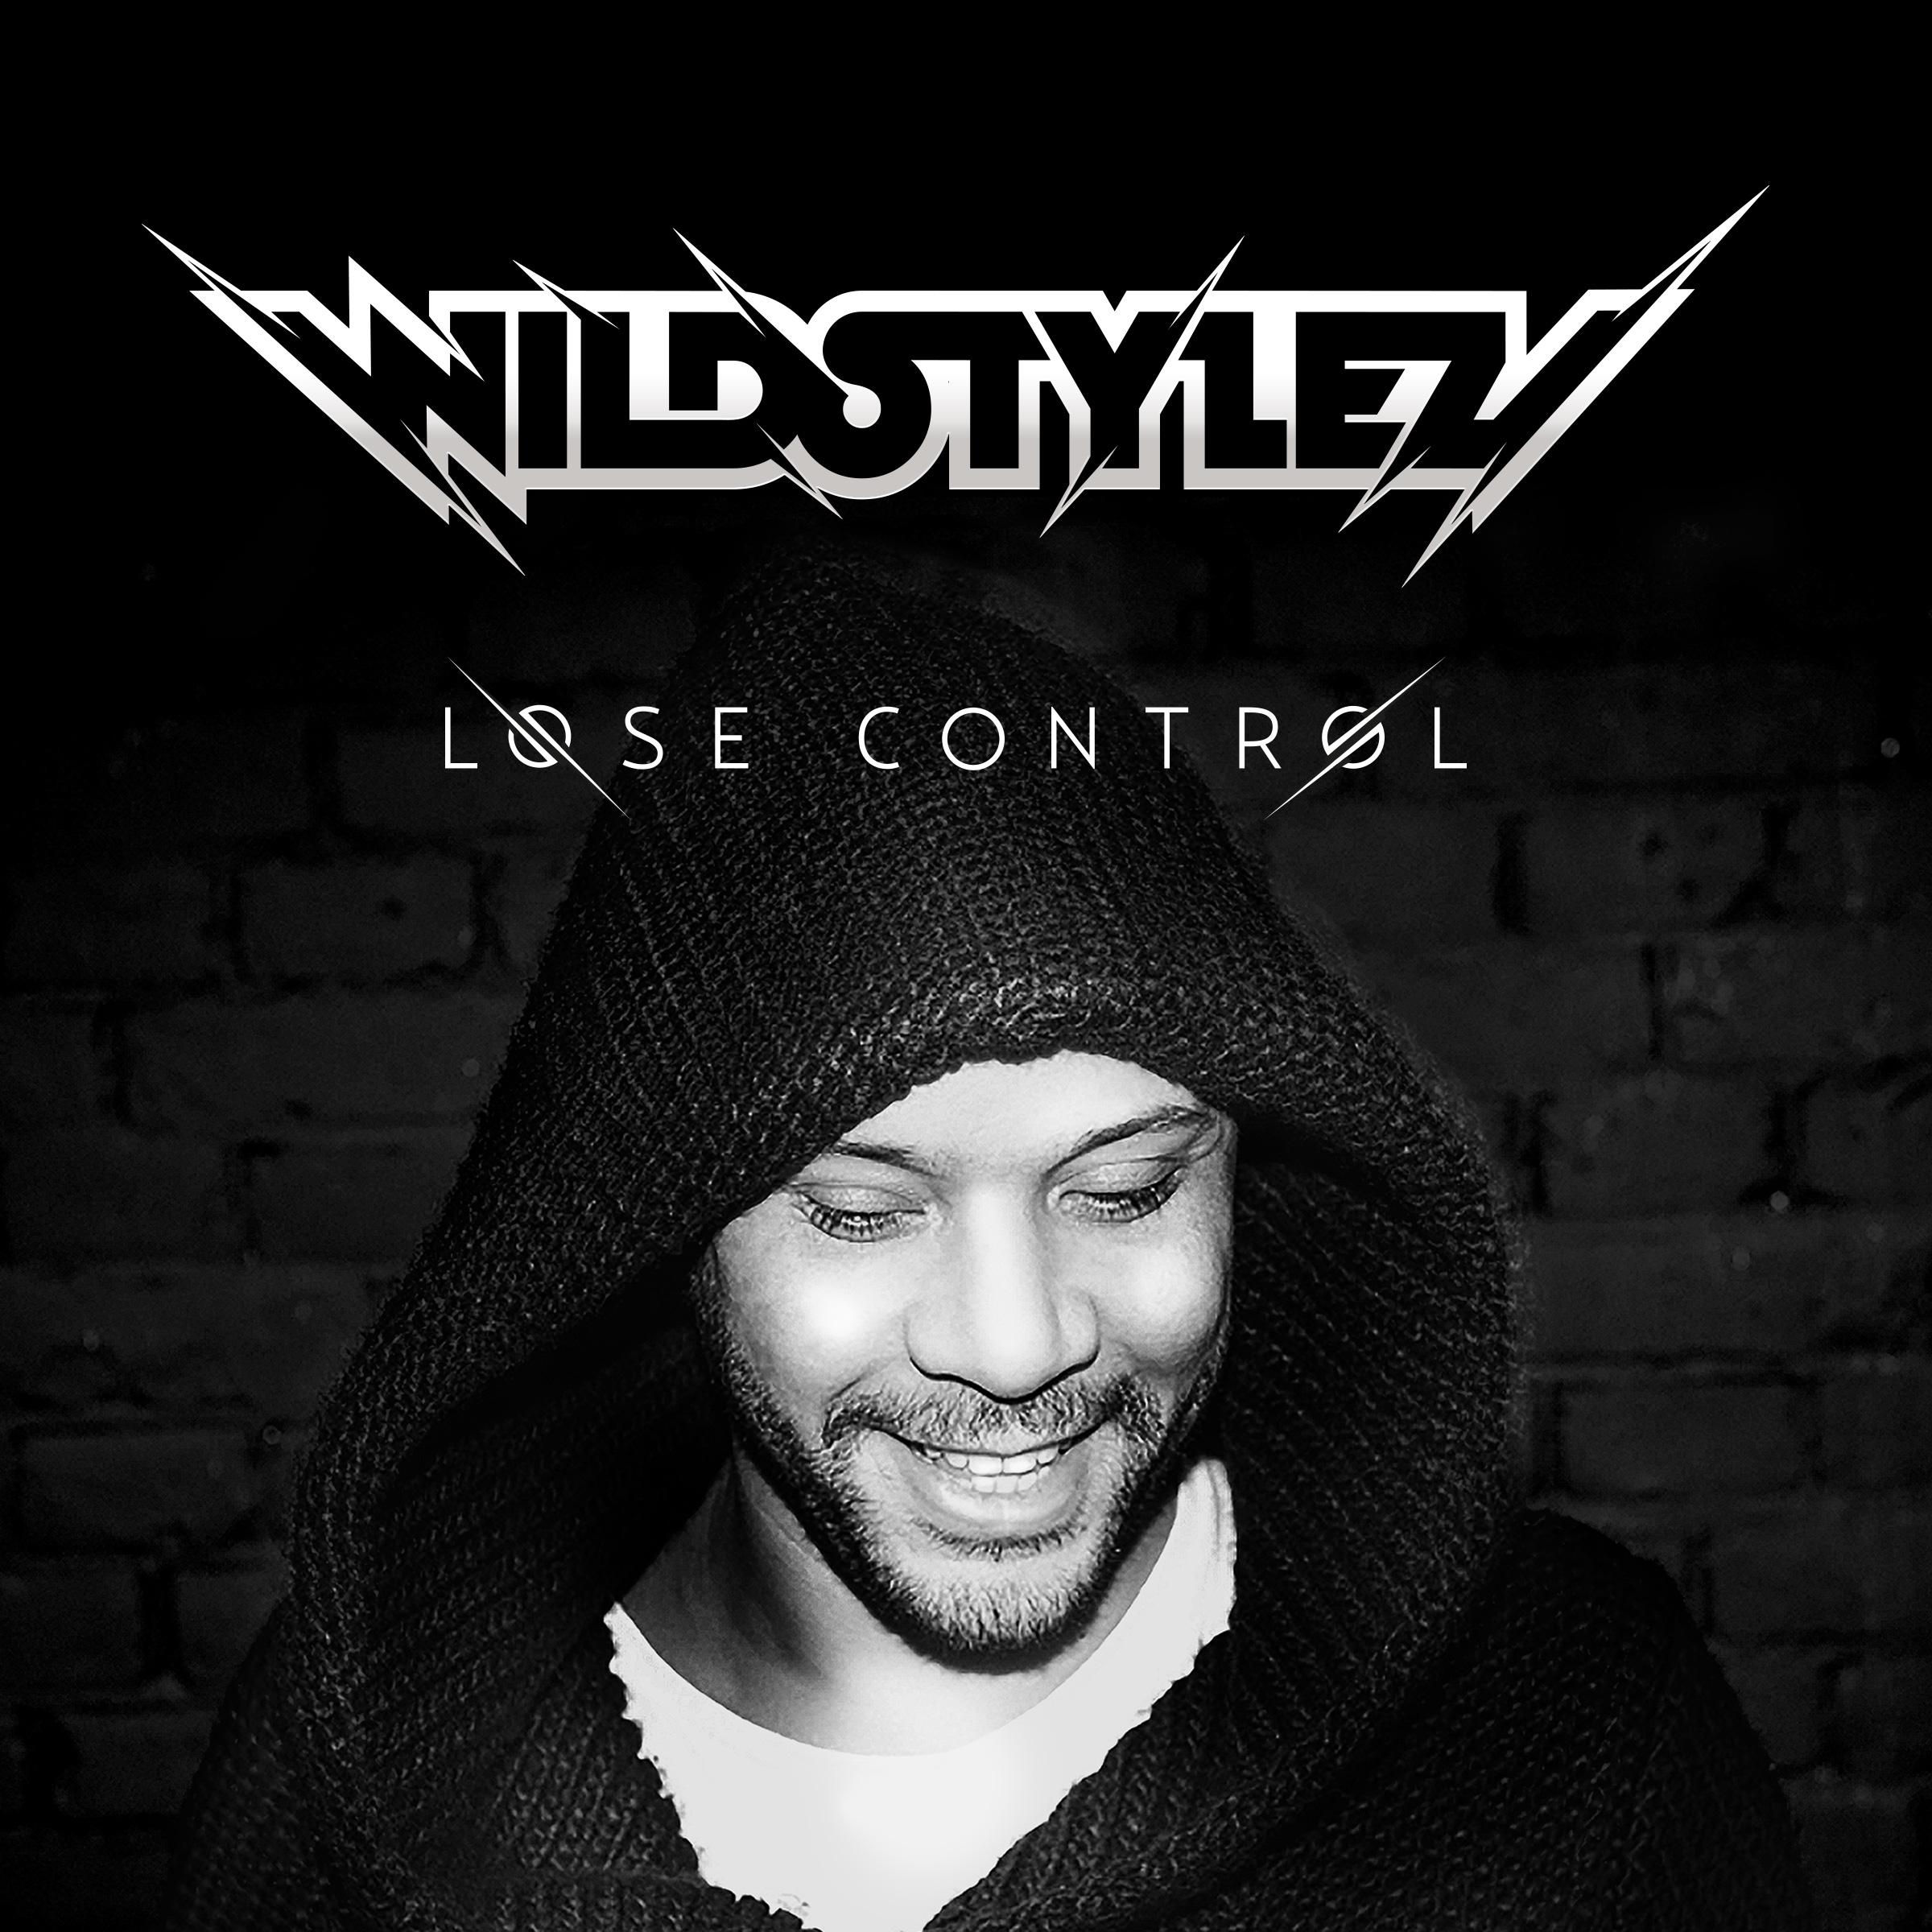 Wildstylez - Lose Control Cover 2400 x 2400